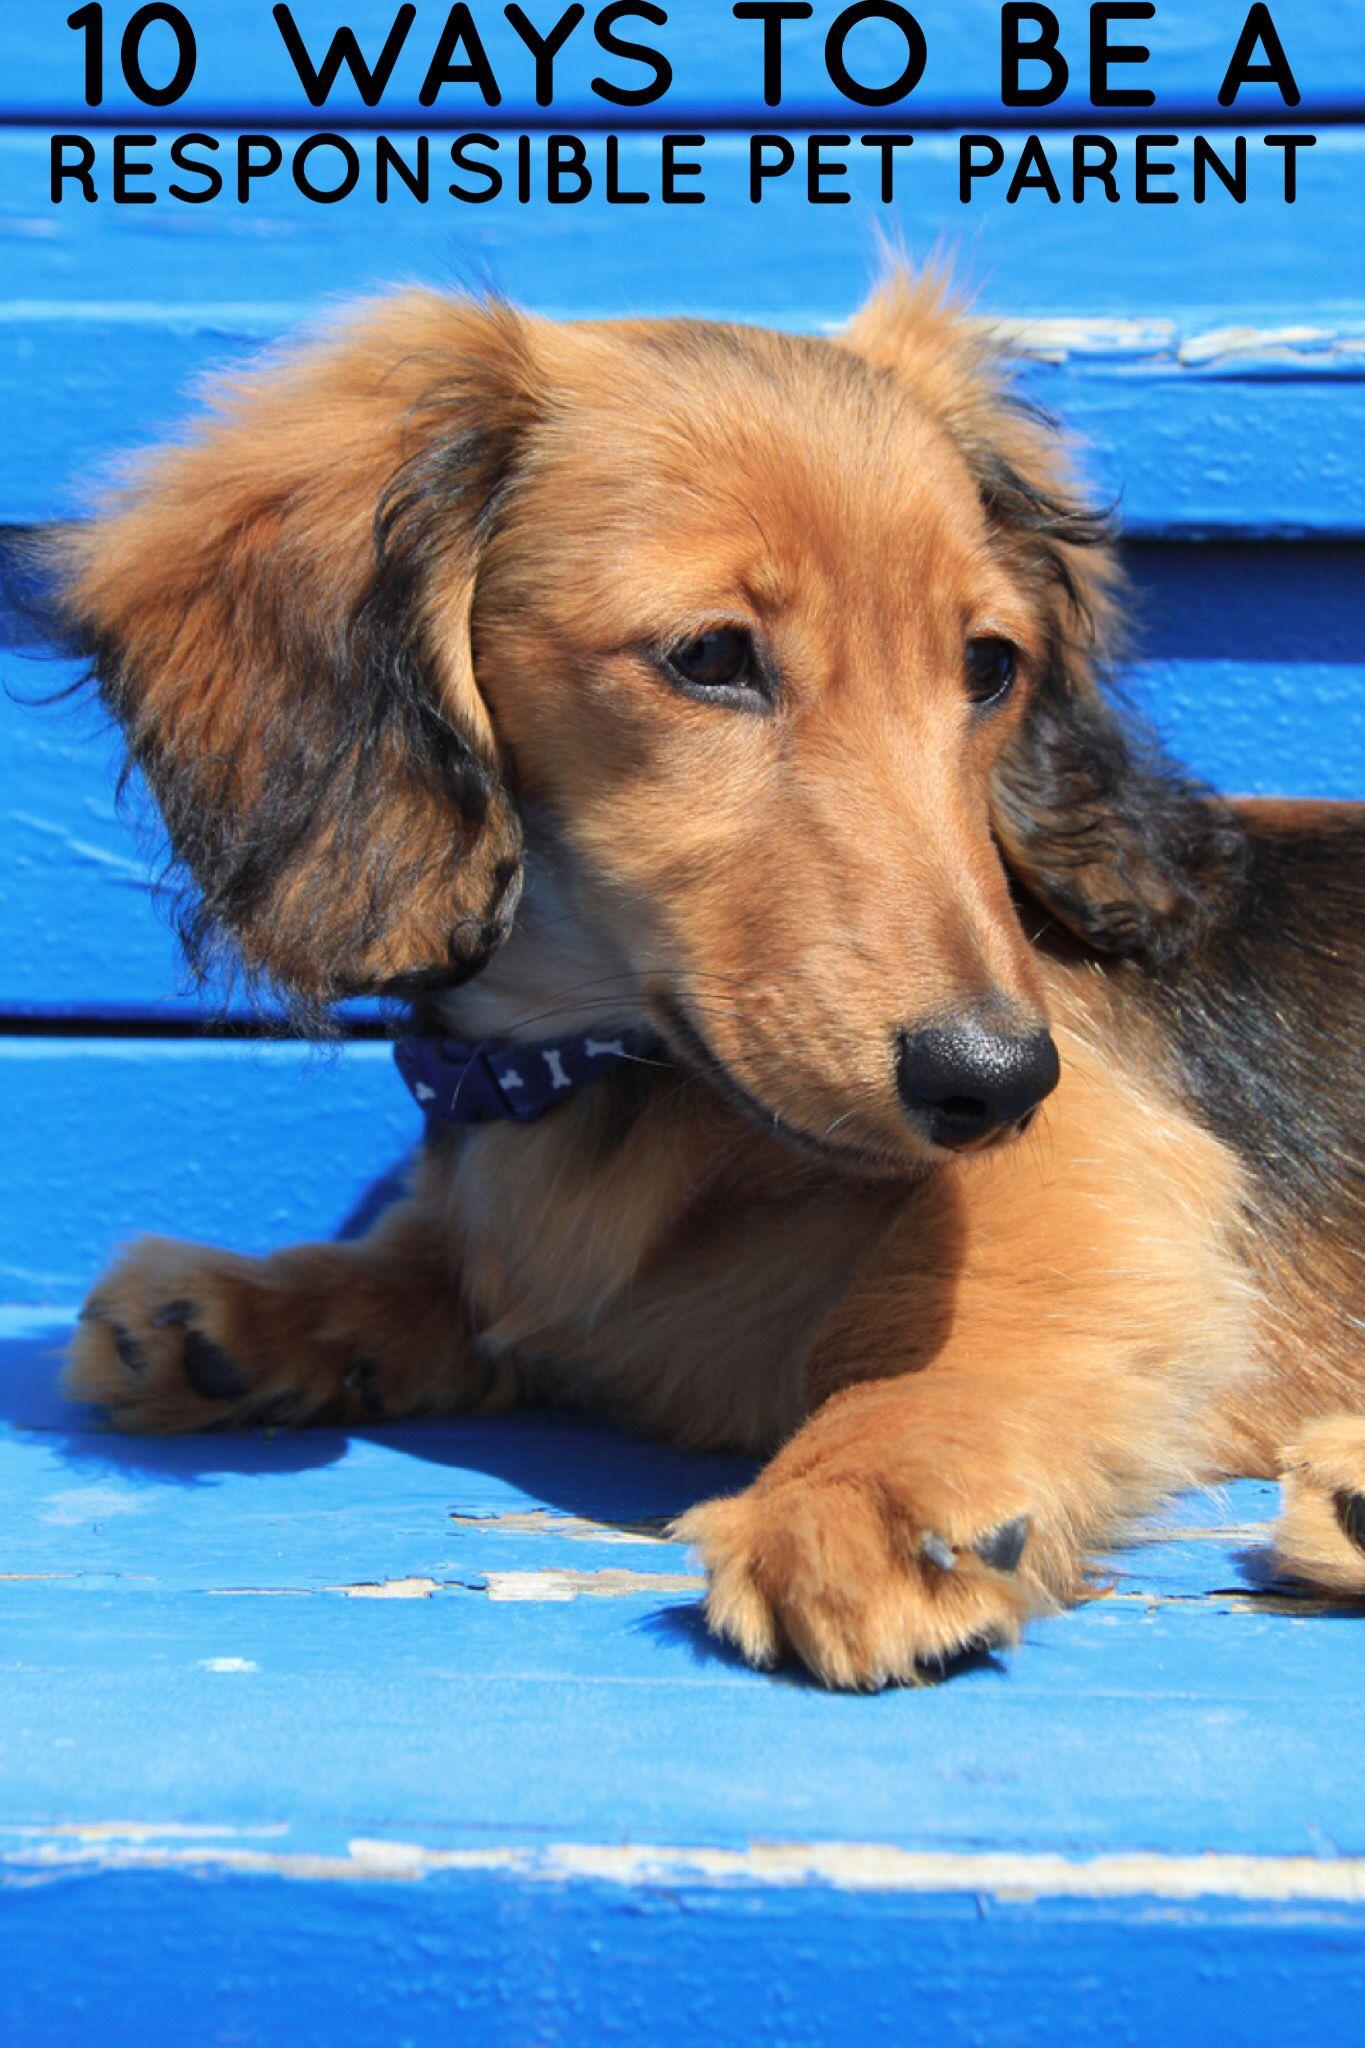 10 Ways To Be A Responsible Pet Parent The shelter pet